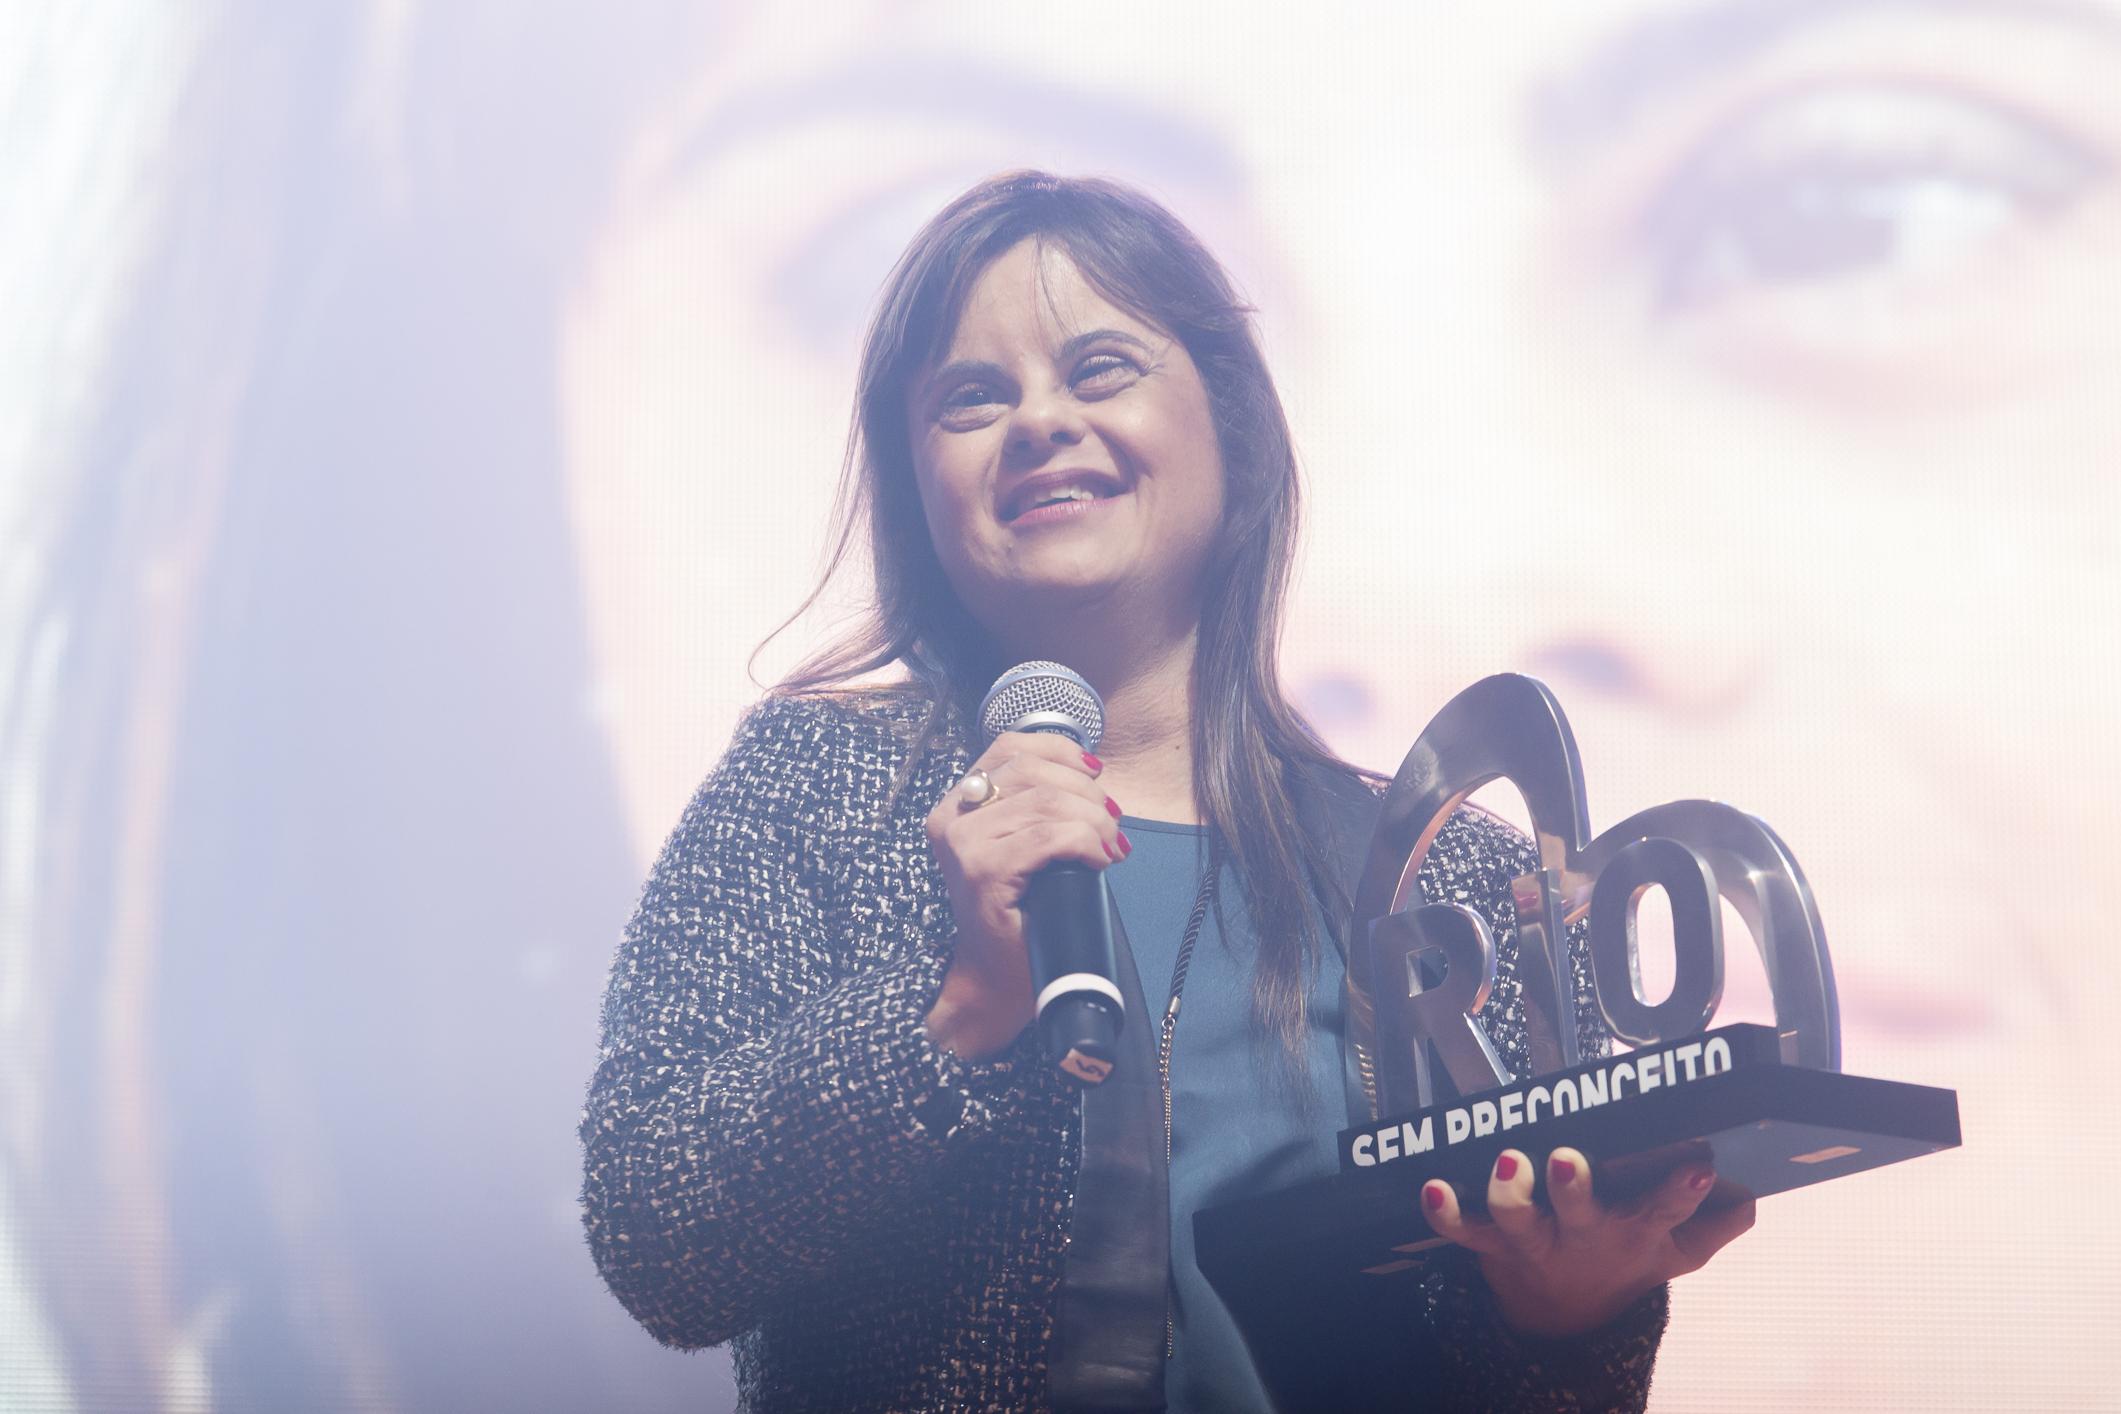 III Prêmio Rio Sem Preconceito_ceds_tatabarreto-200